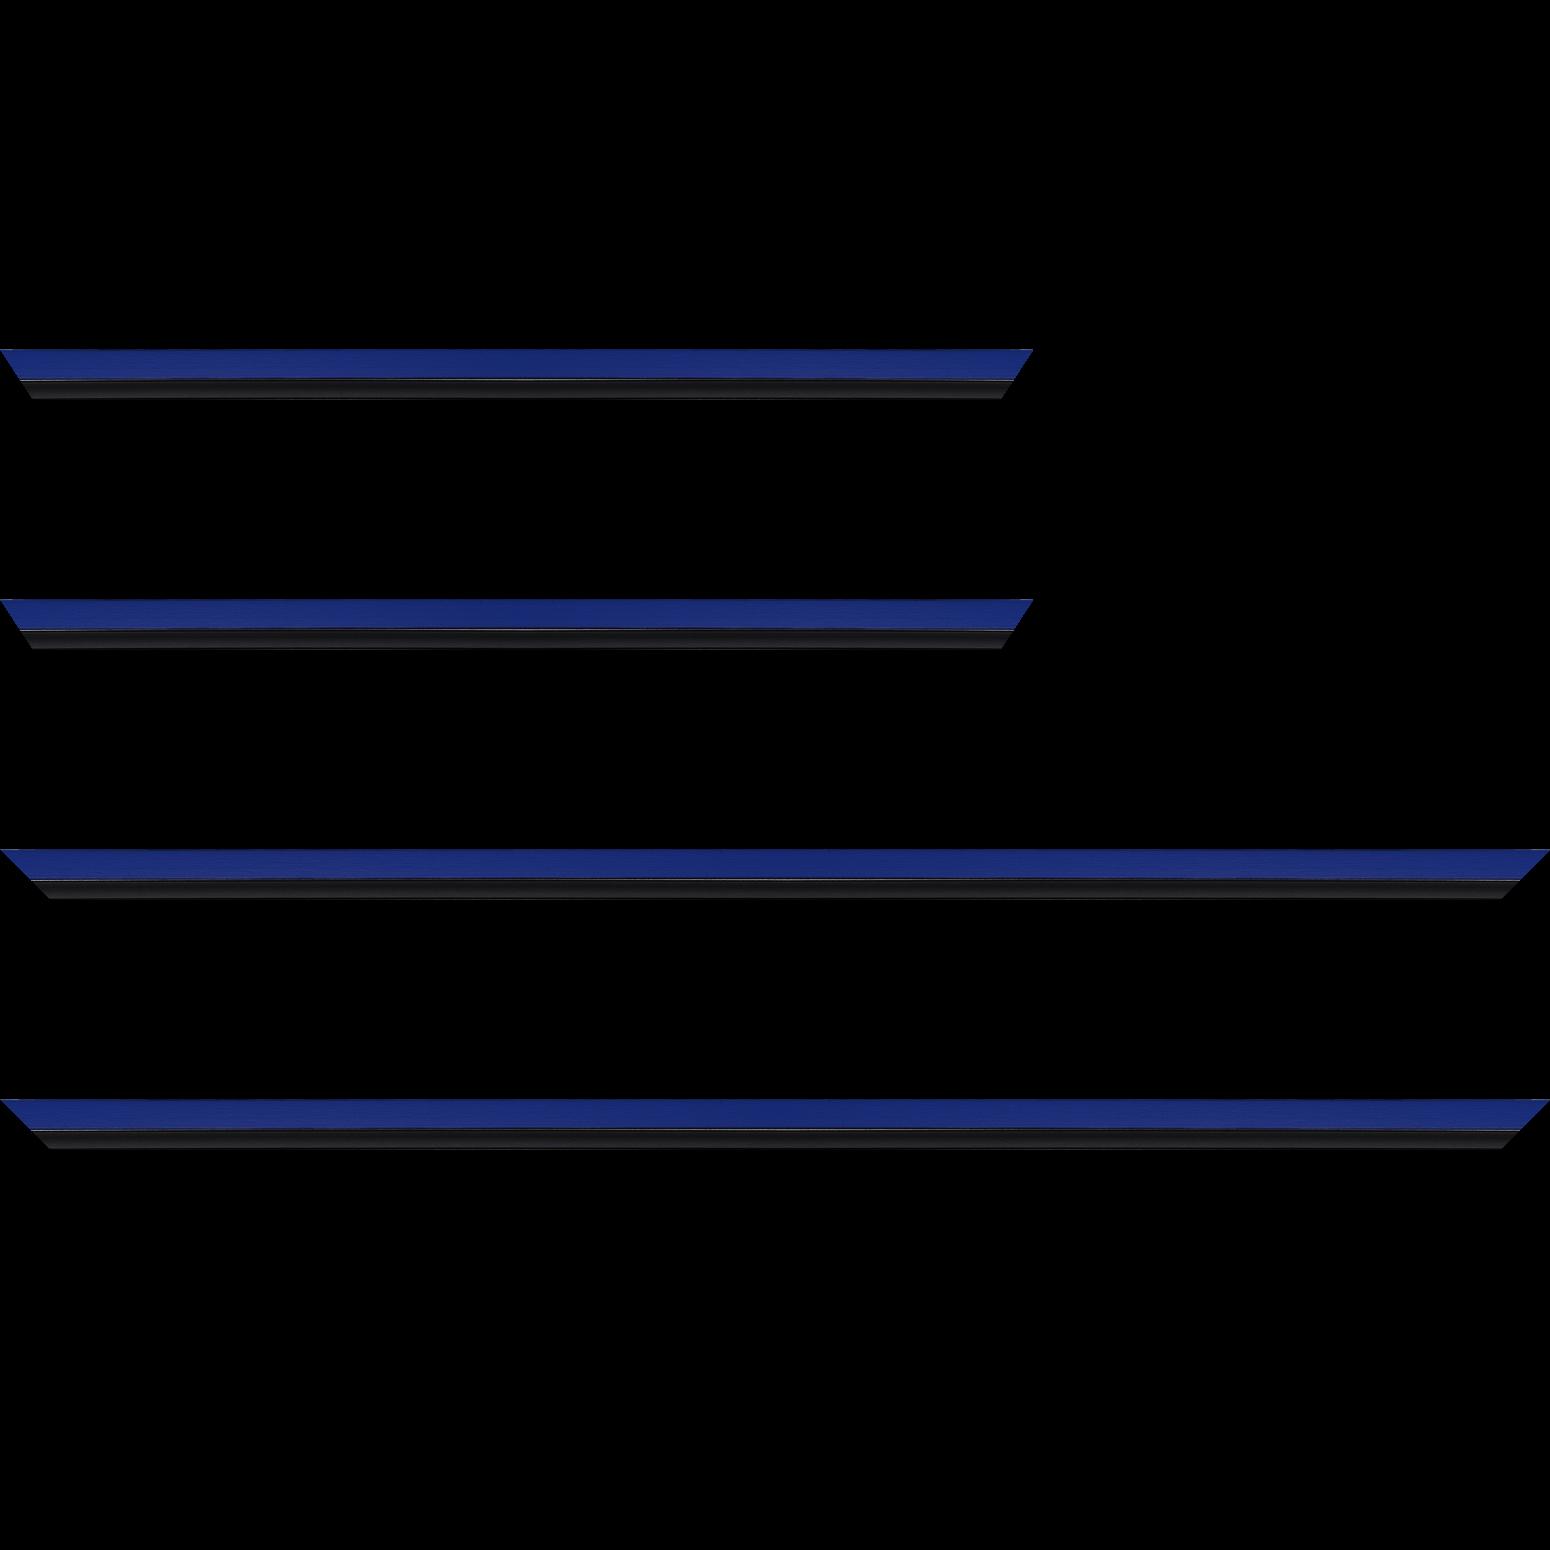 Baguette service précoupé Bois profil plat largeur 1.6cm couleur bleu franc filet noir en retrait de la face du cadre de 6mm assurant un effet très original